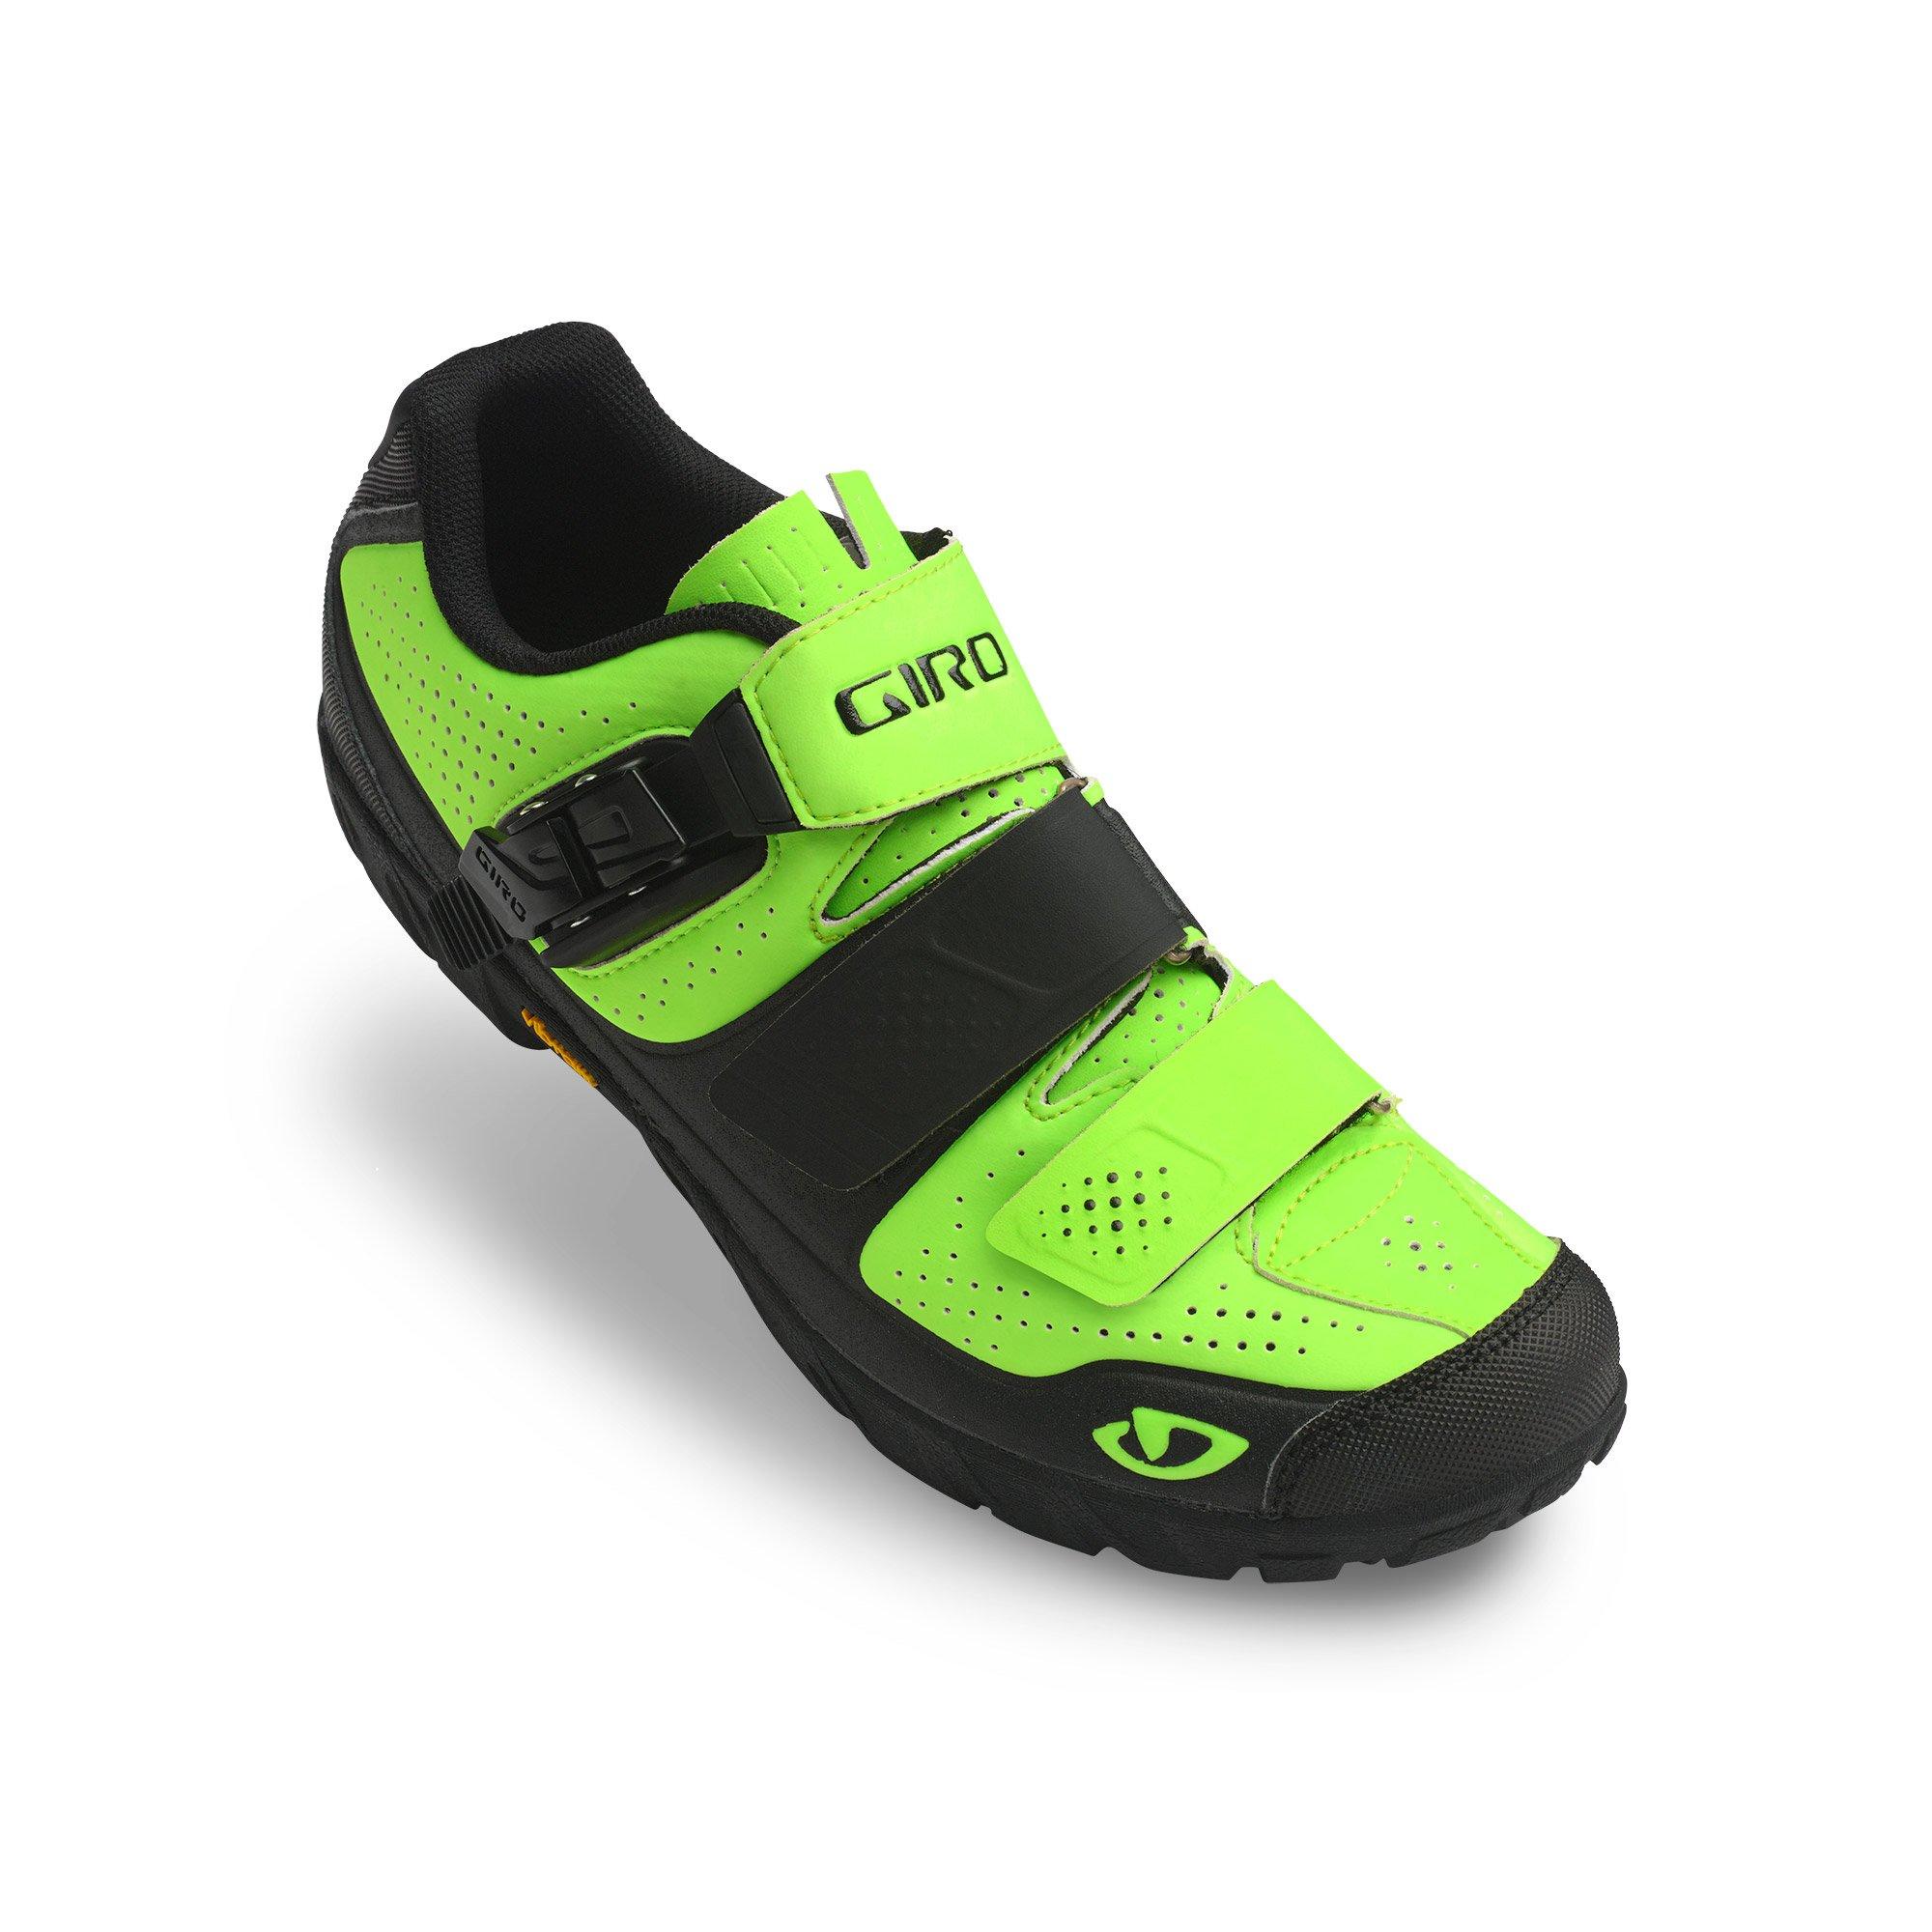 Giro Terraduro MTB Shoes Lime/Black 40